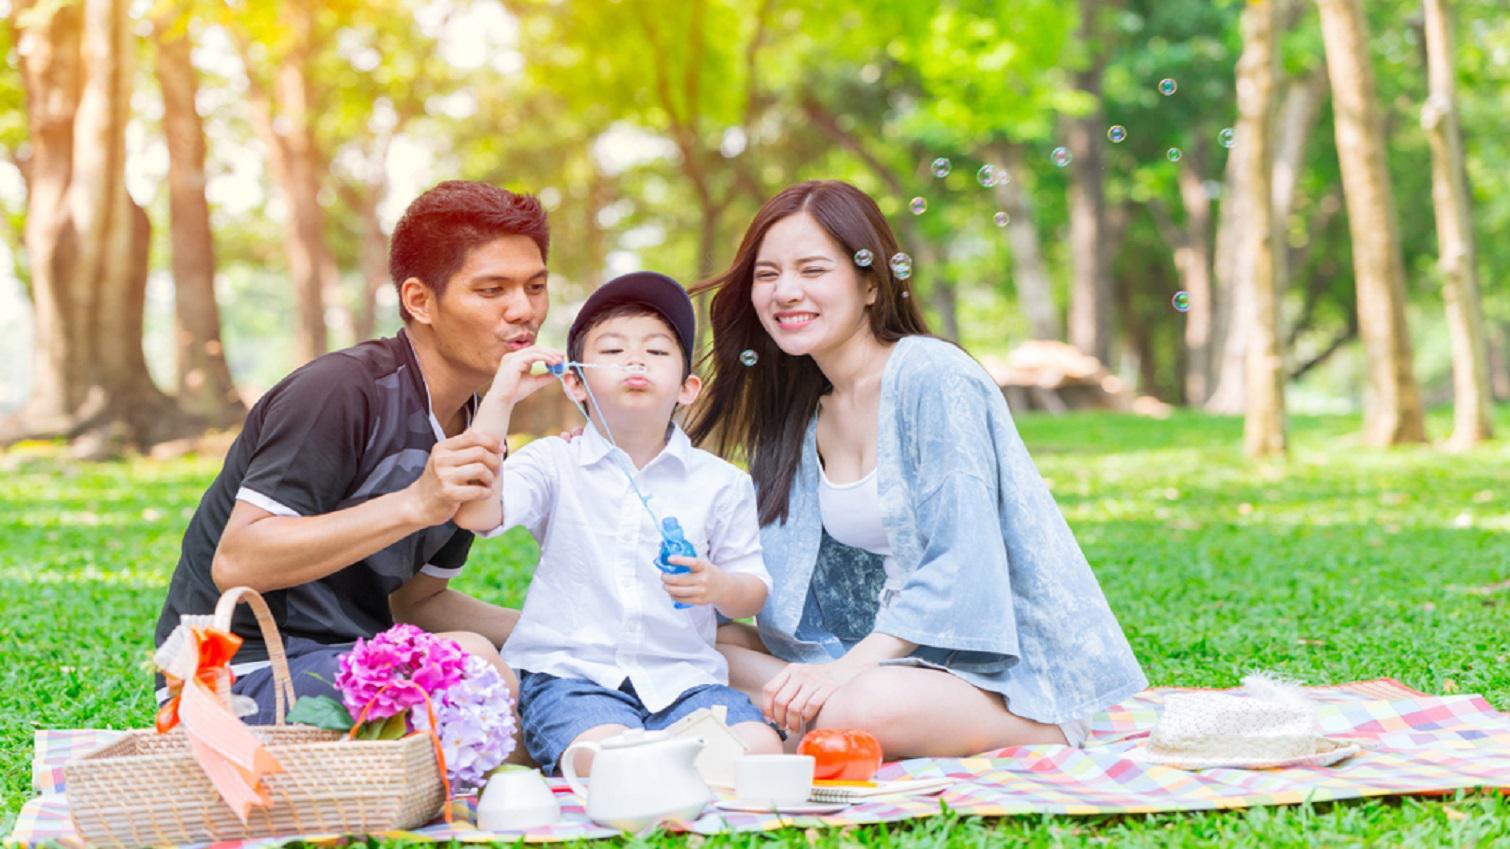 Daftar Barang Bawaan Saat Piknik